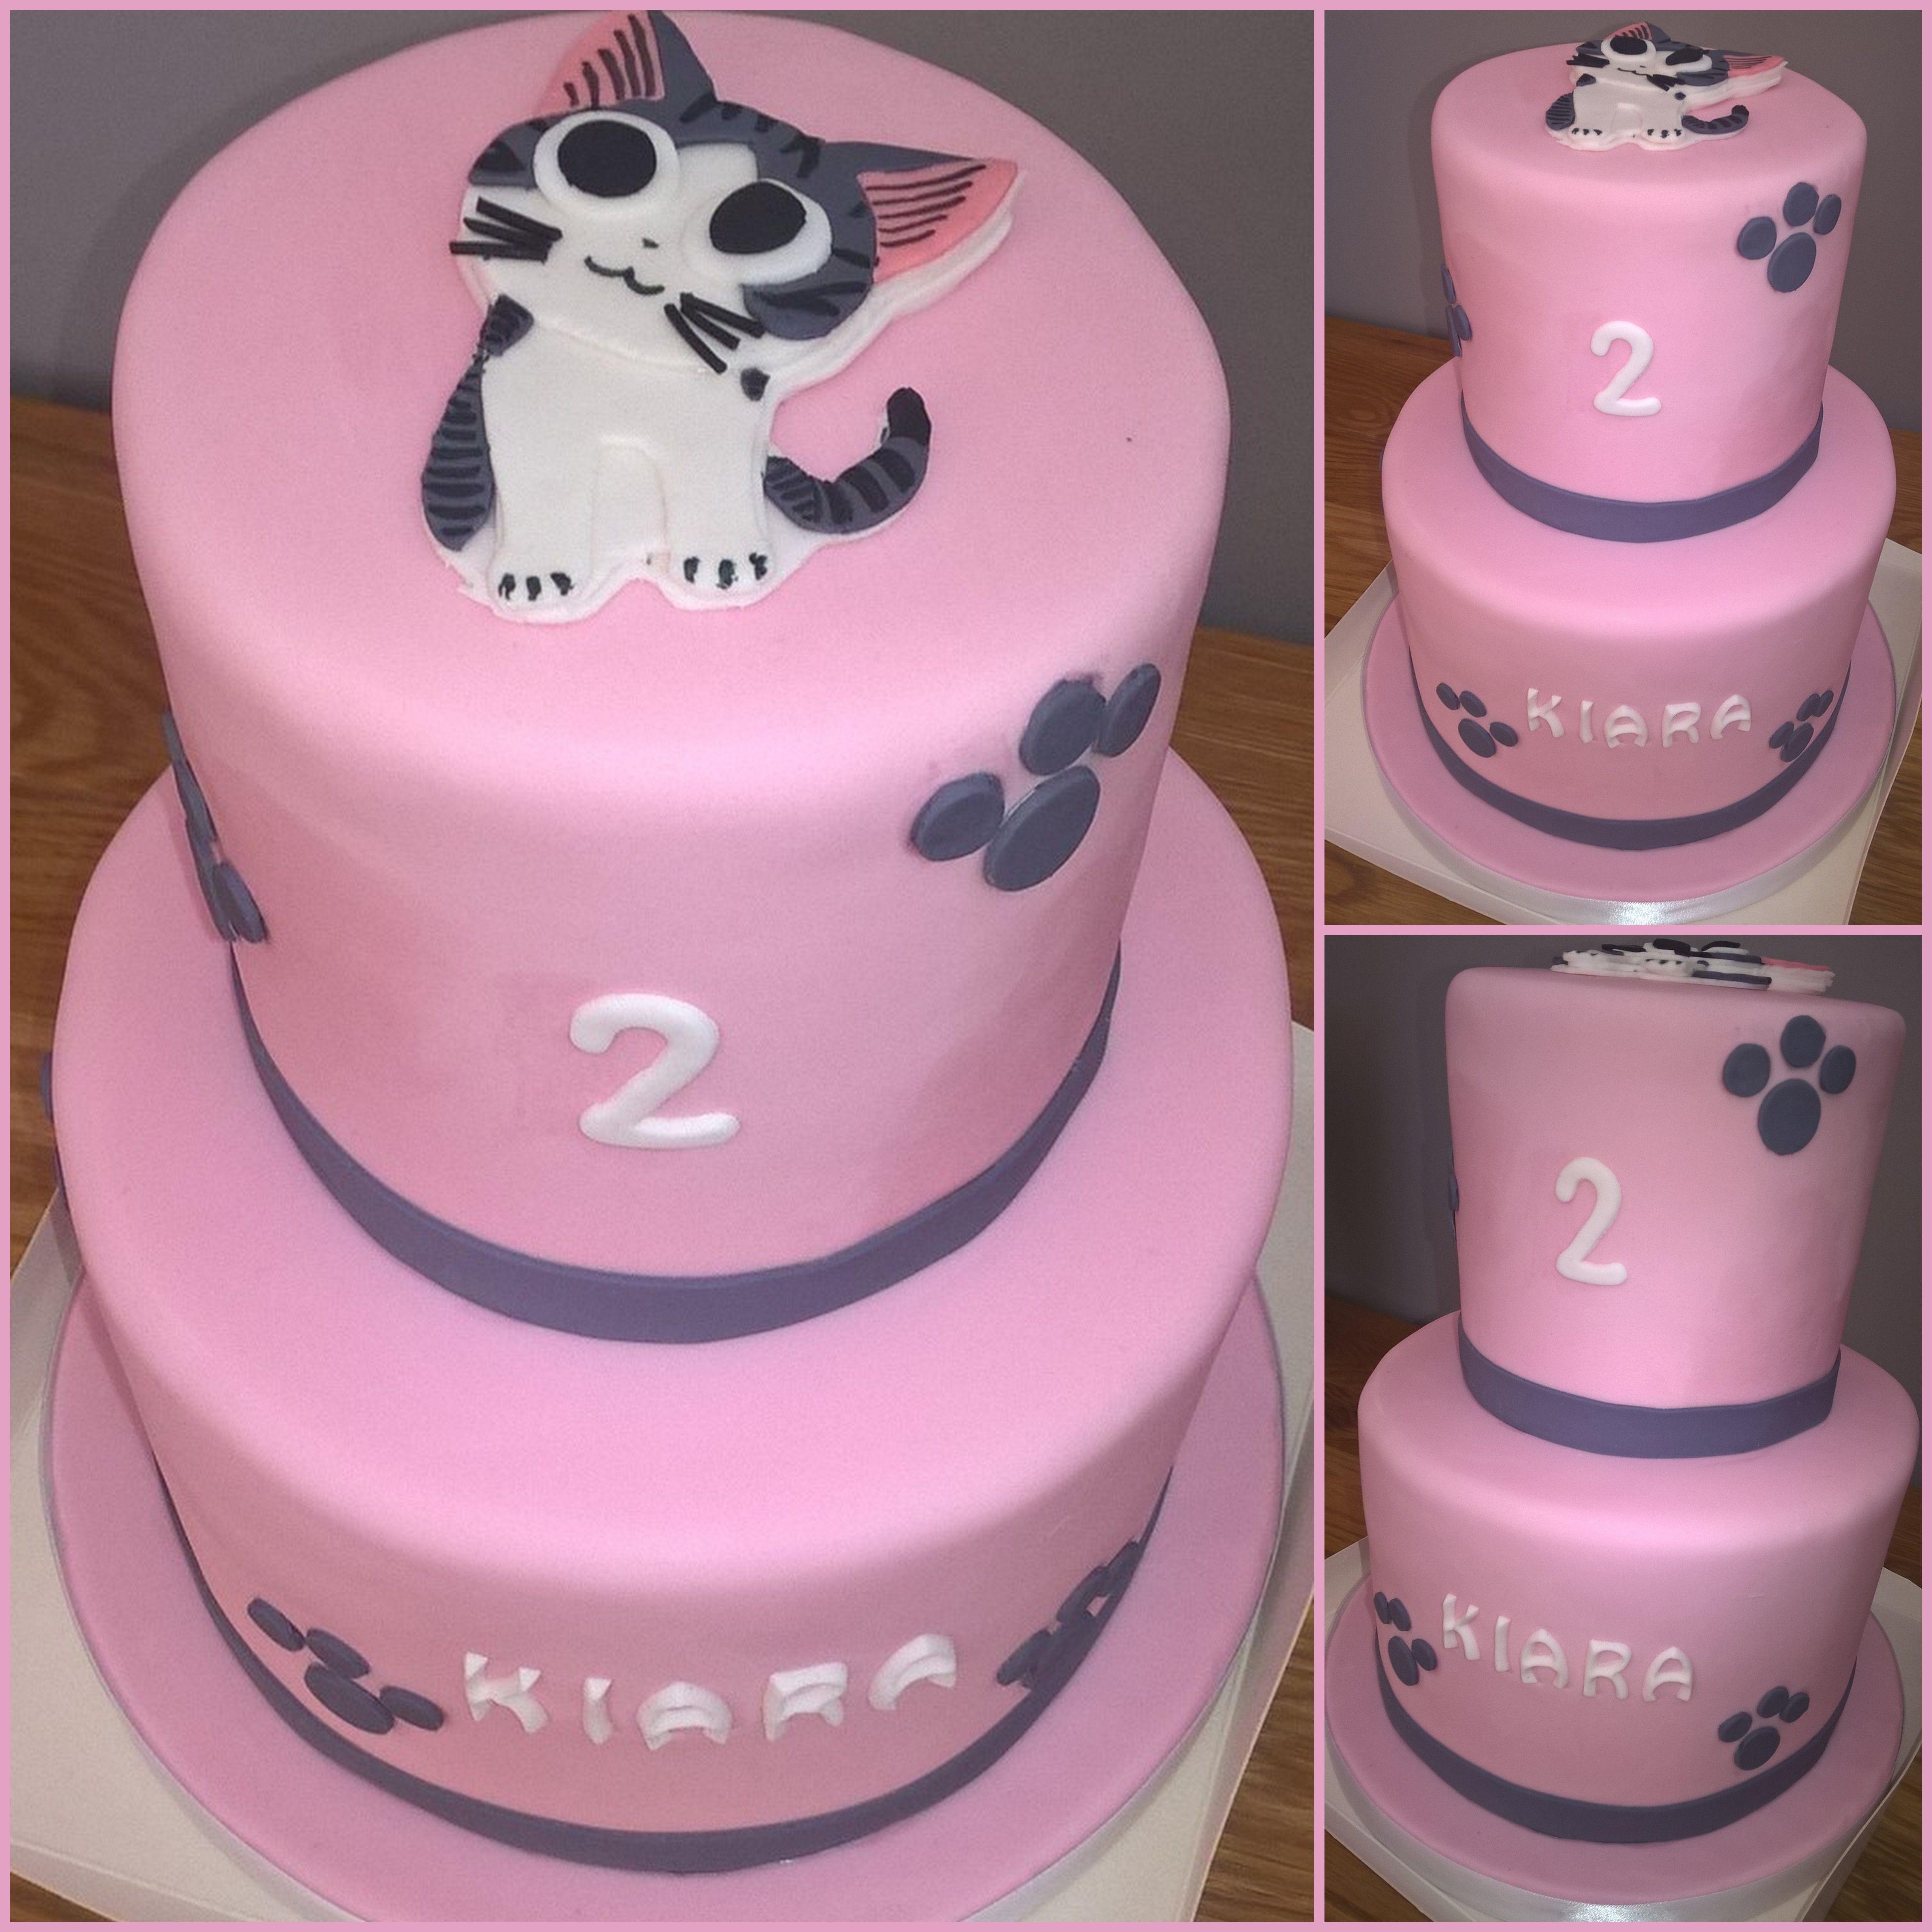 By Nans Bakery, notre cake designe